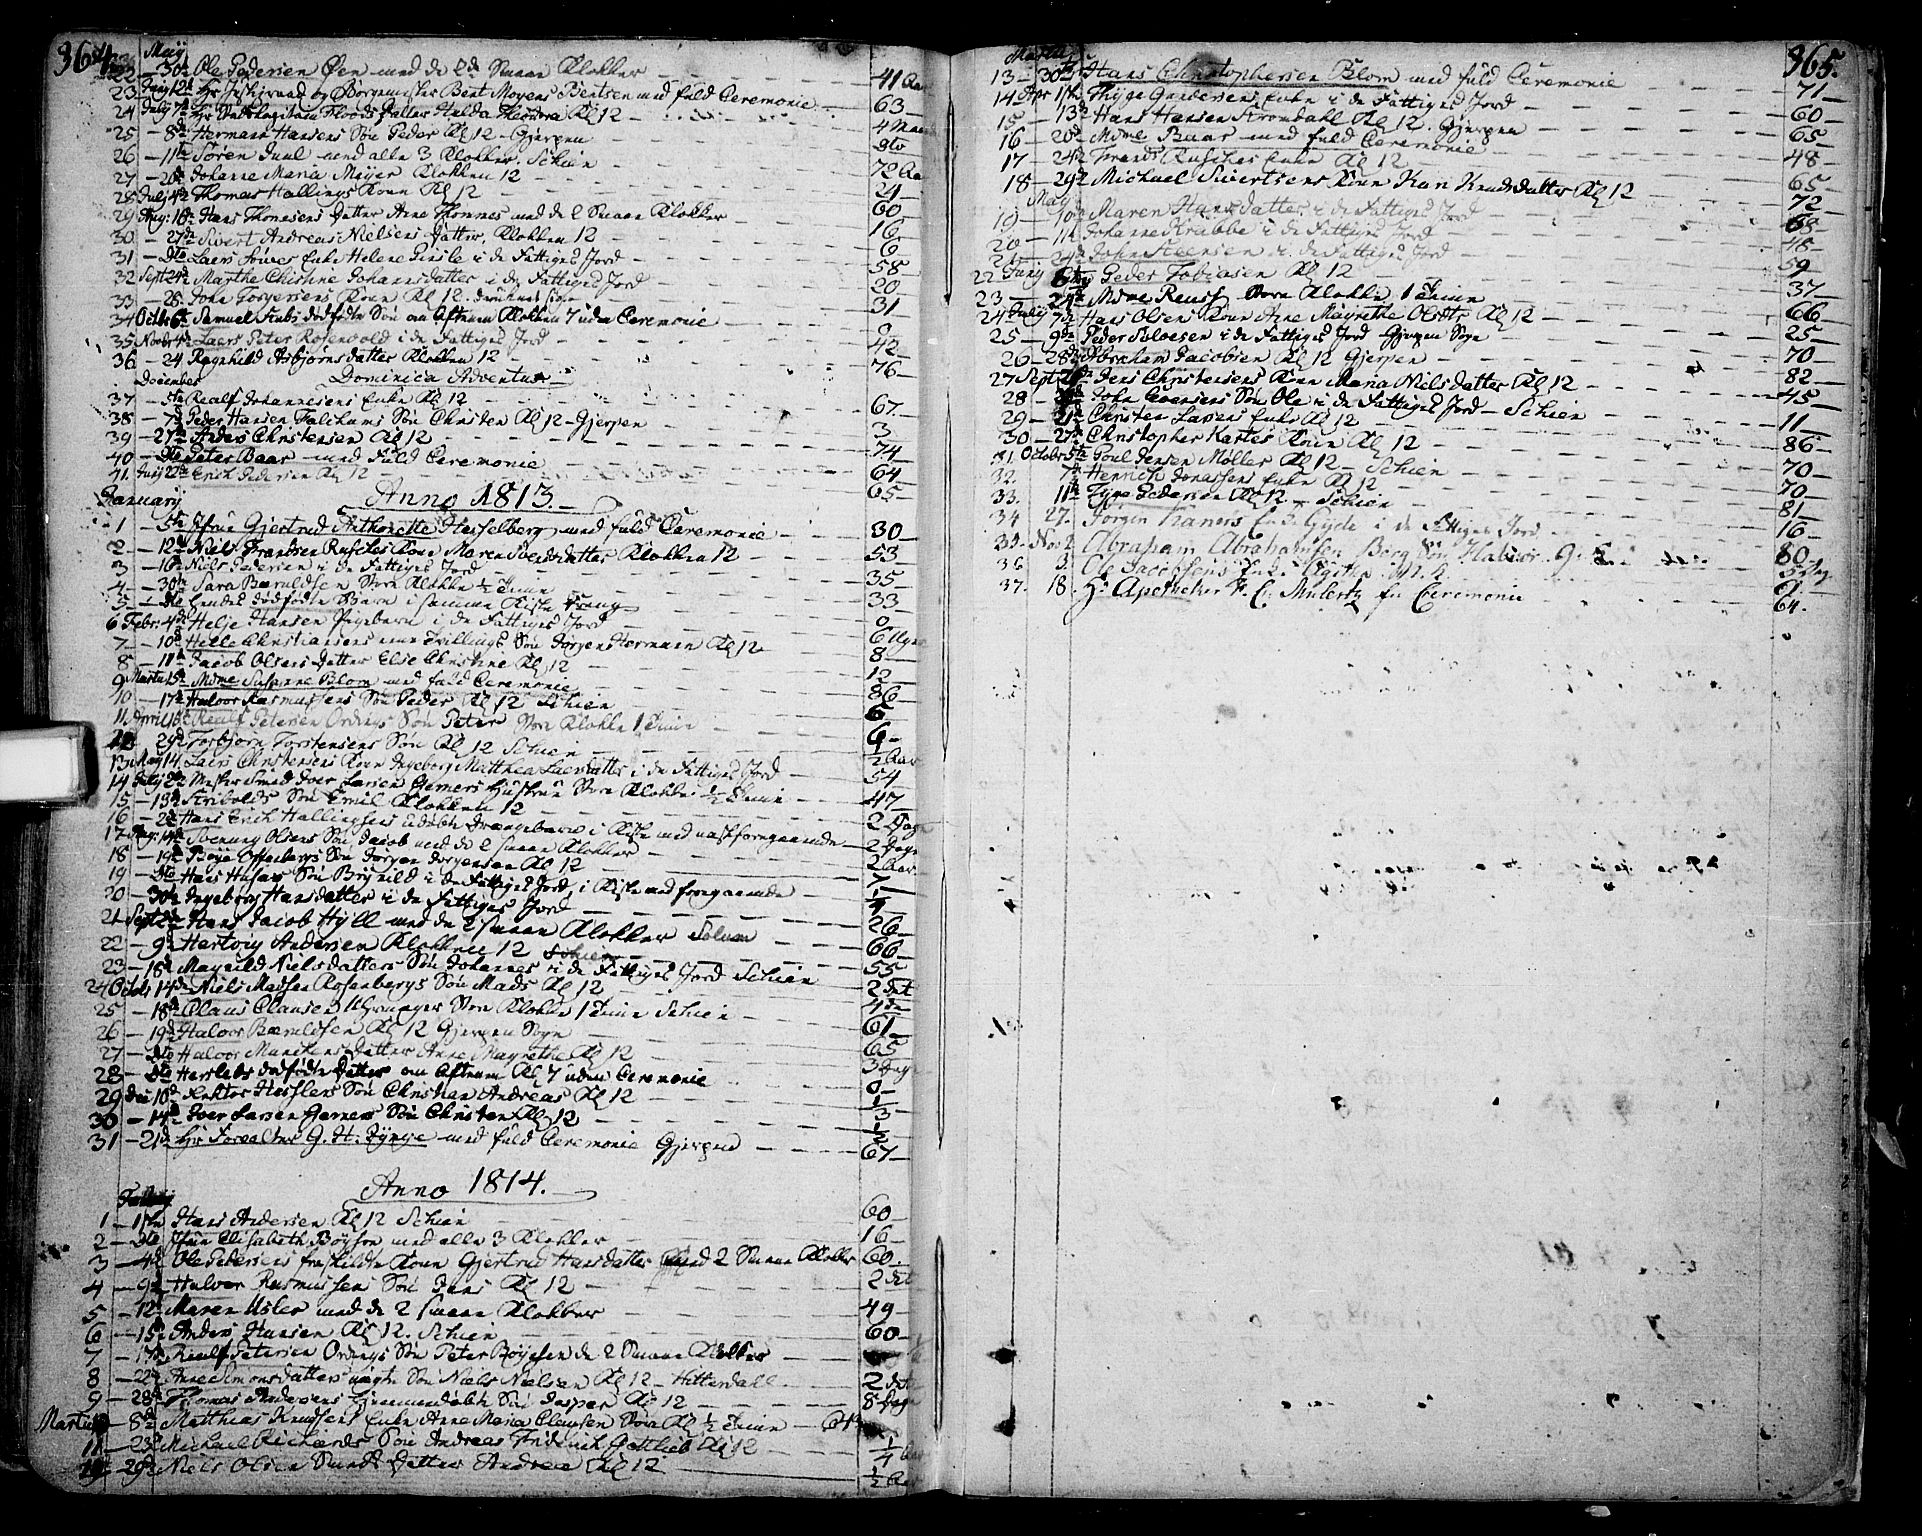 SAKO, Skien kirkebøker, F/Fa/L0004: Ministerialbok nr. 4, 1792-1814, s. 364-365